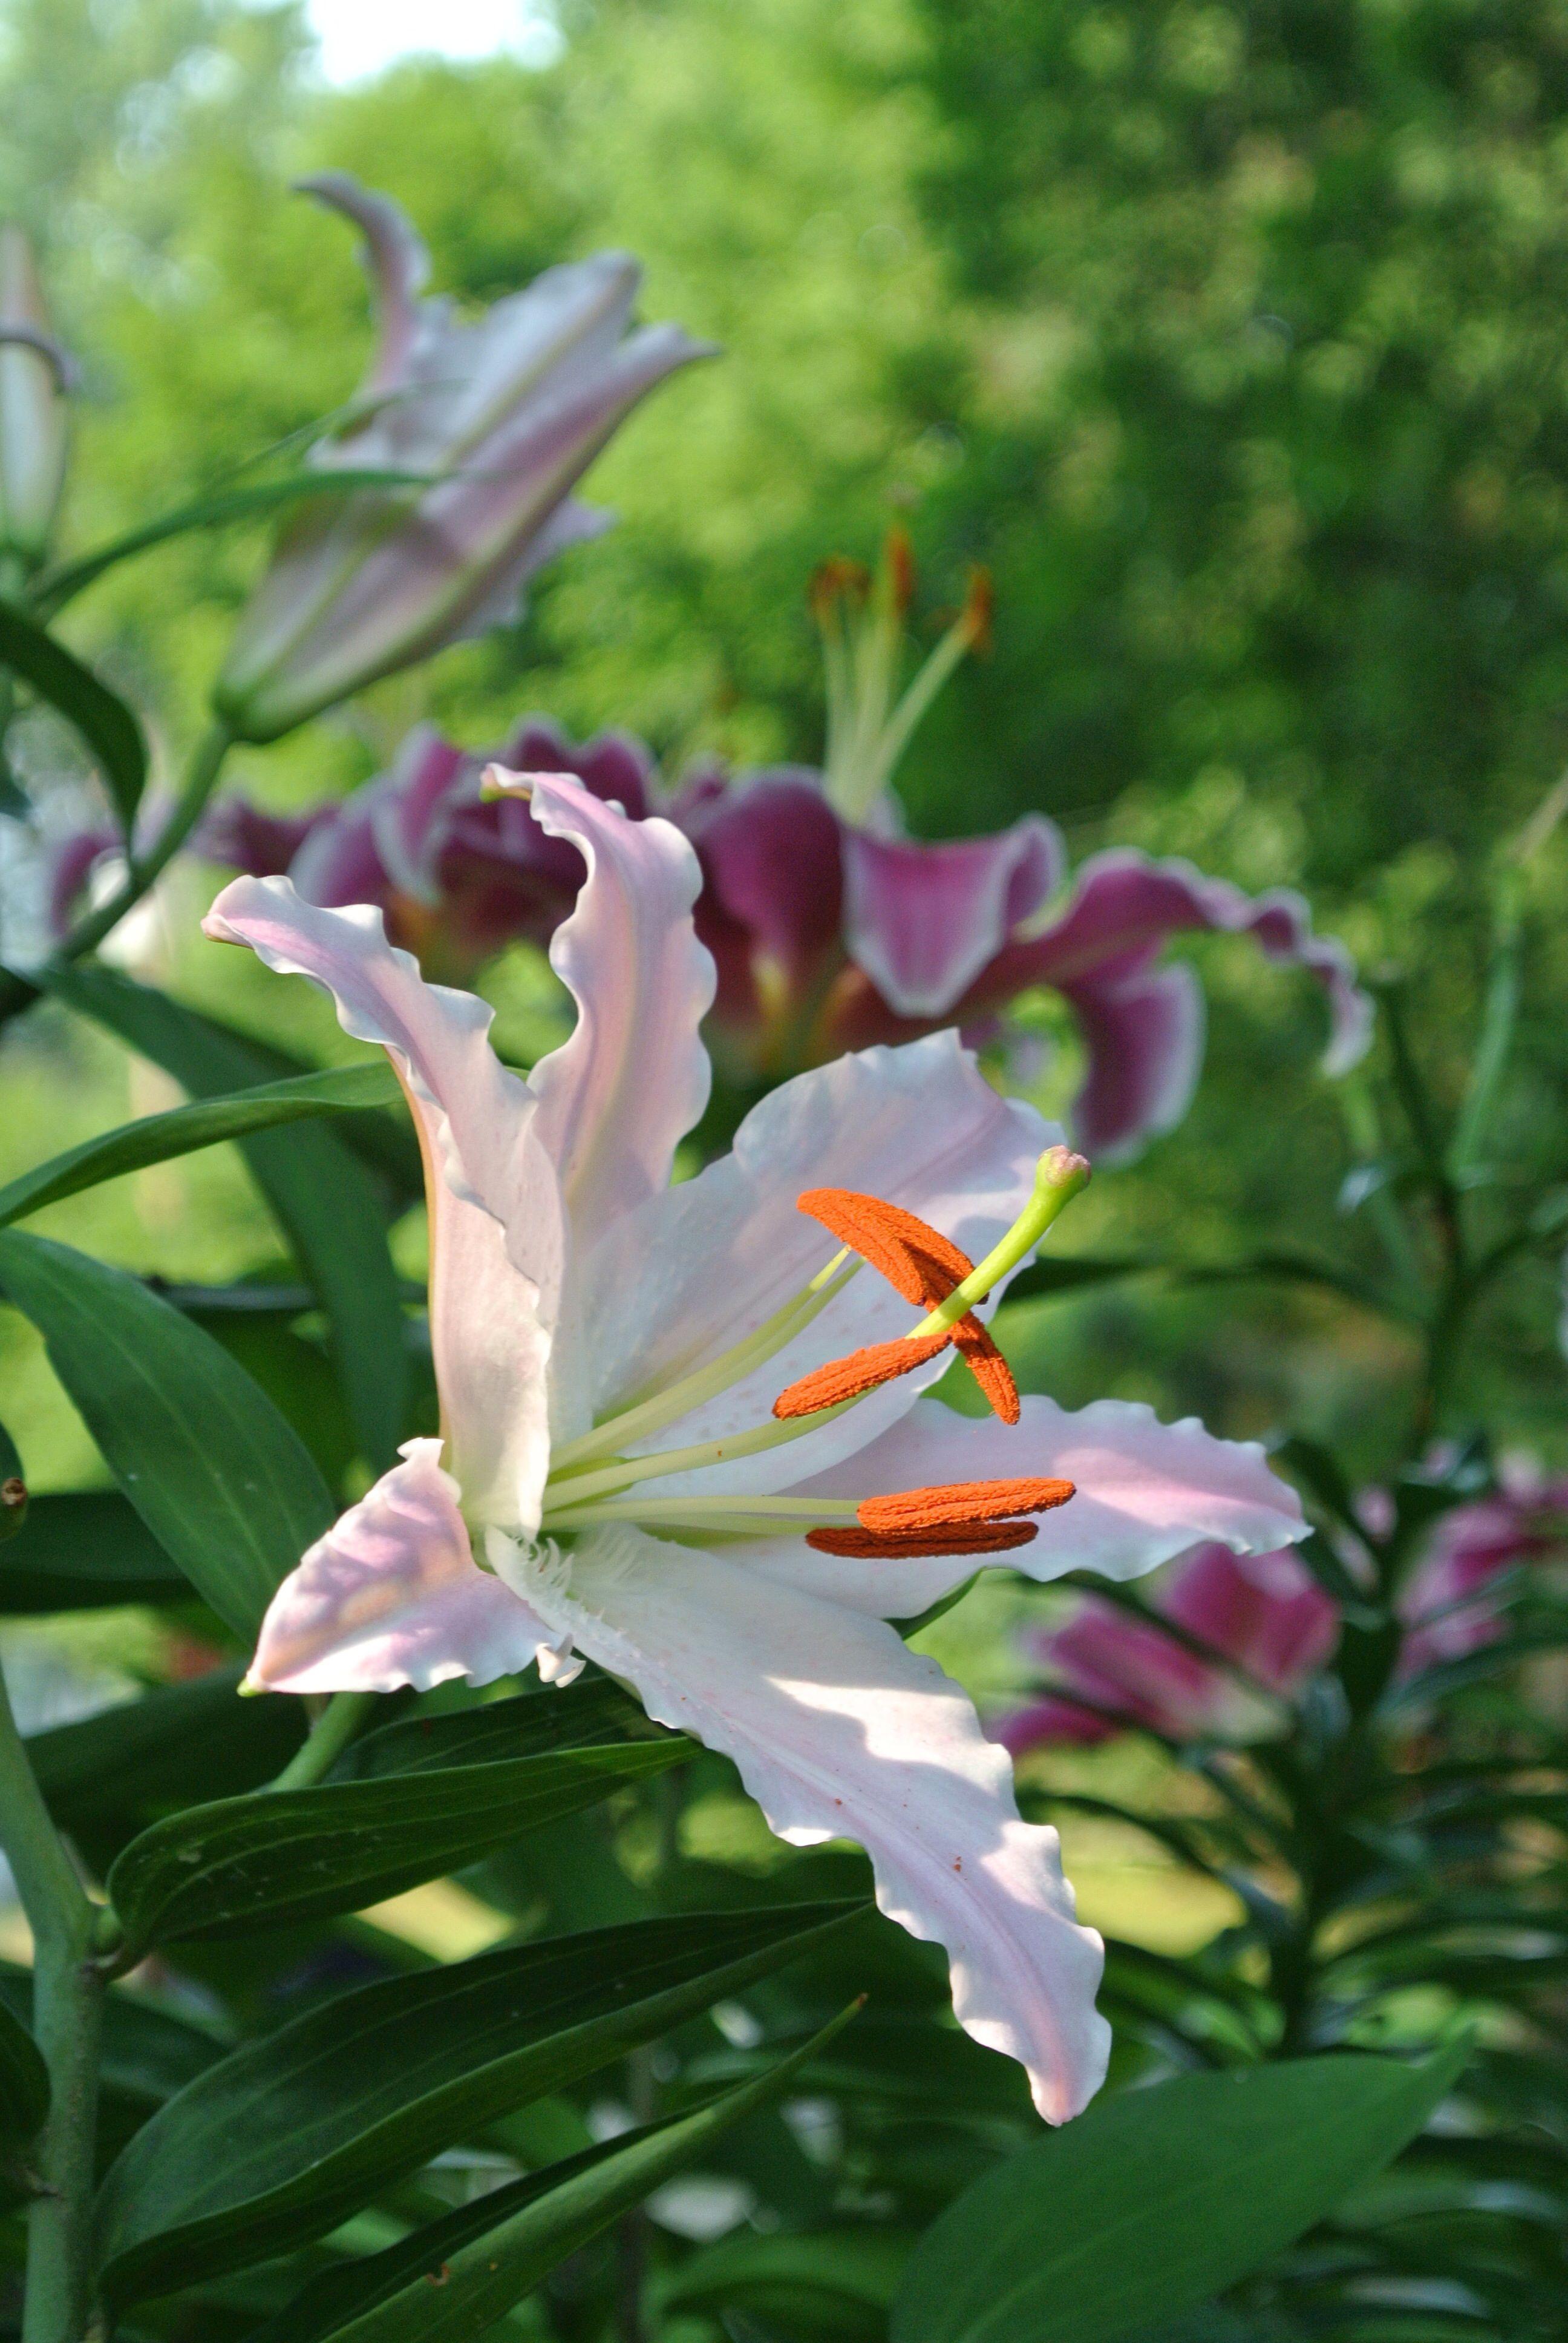 Stargazer lilies in the garden